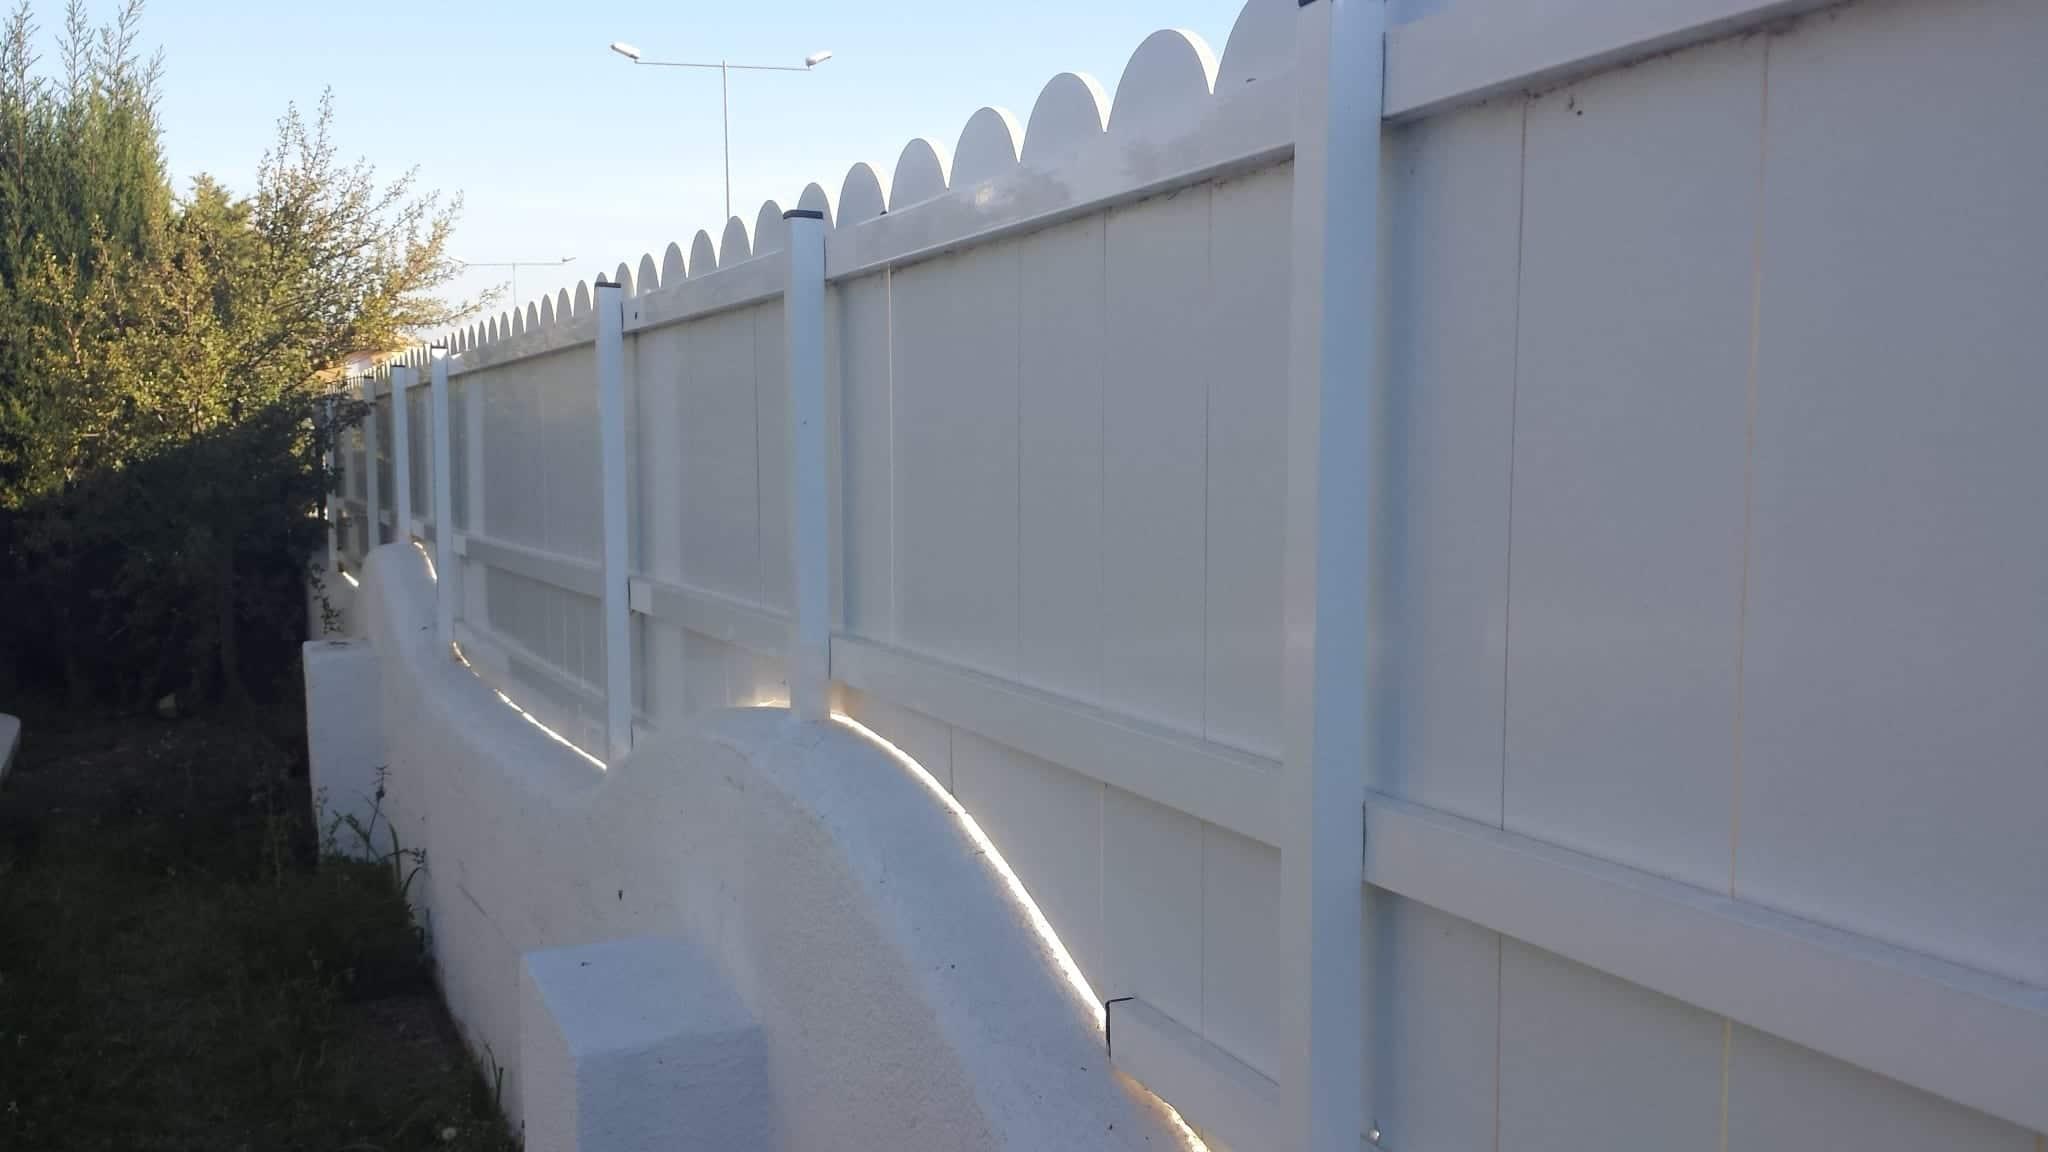 Vinuesa vallas cercados modelos valla verja lamas pvc for Vallas de aluminio para jardin